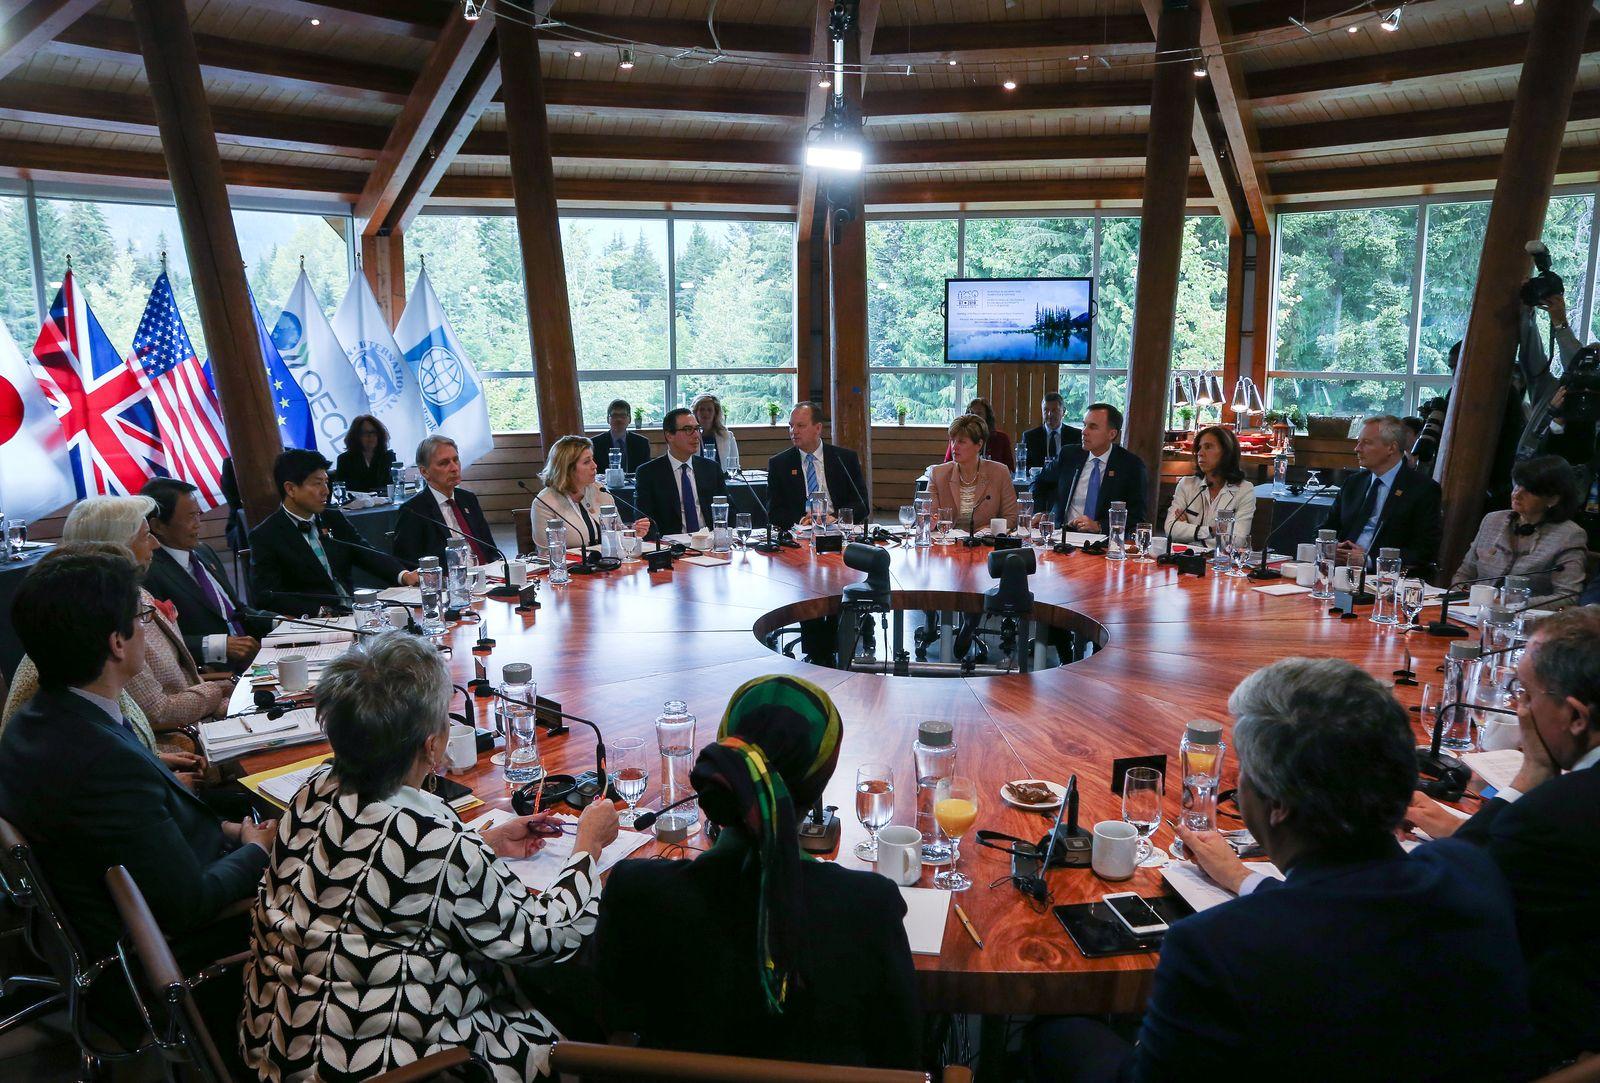 G7-SUMMIT/FINANCE